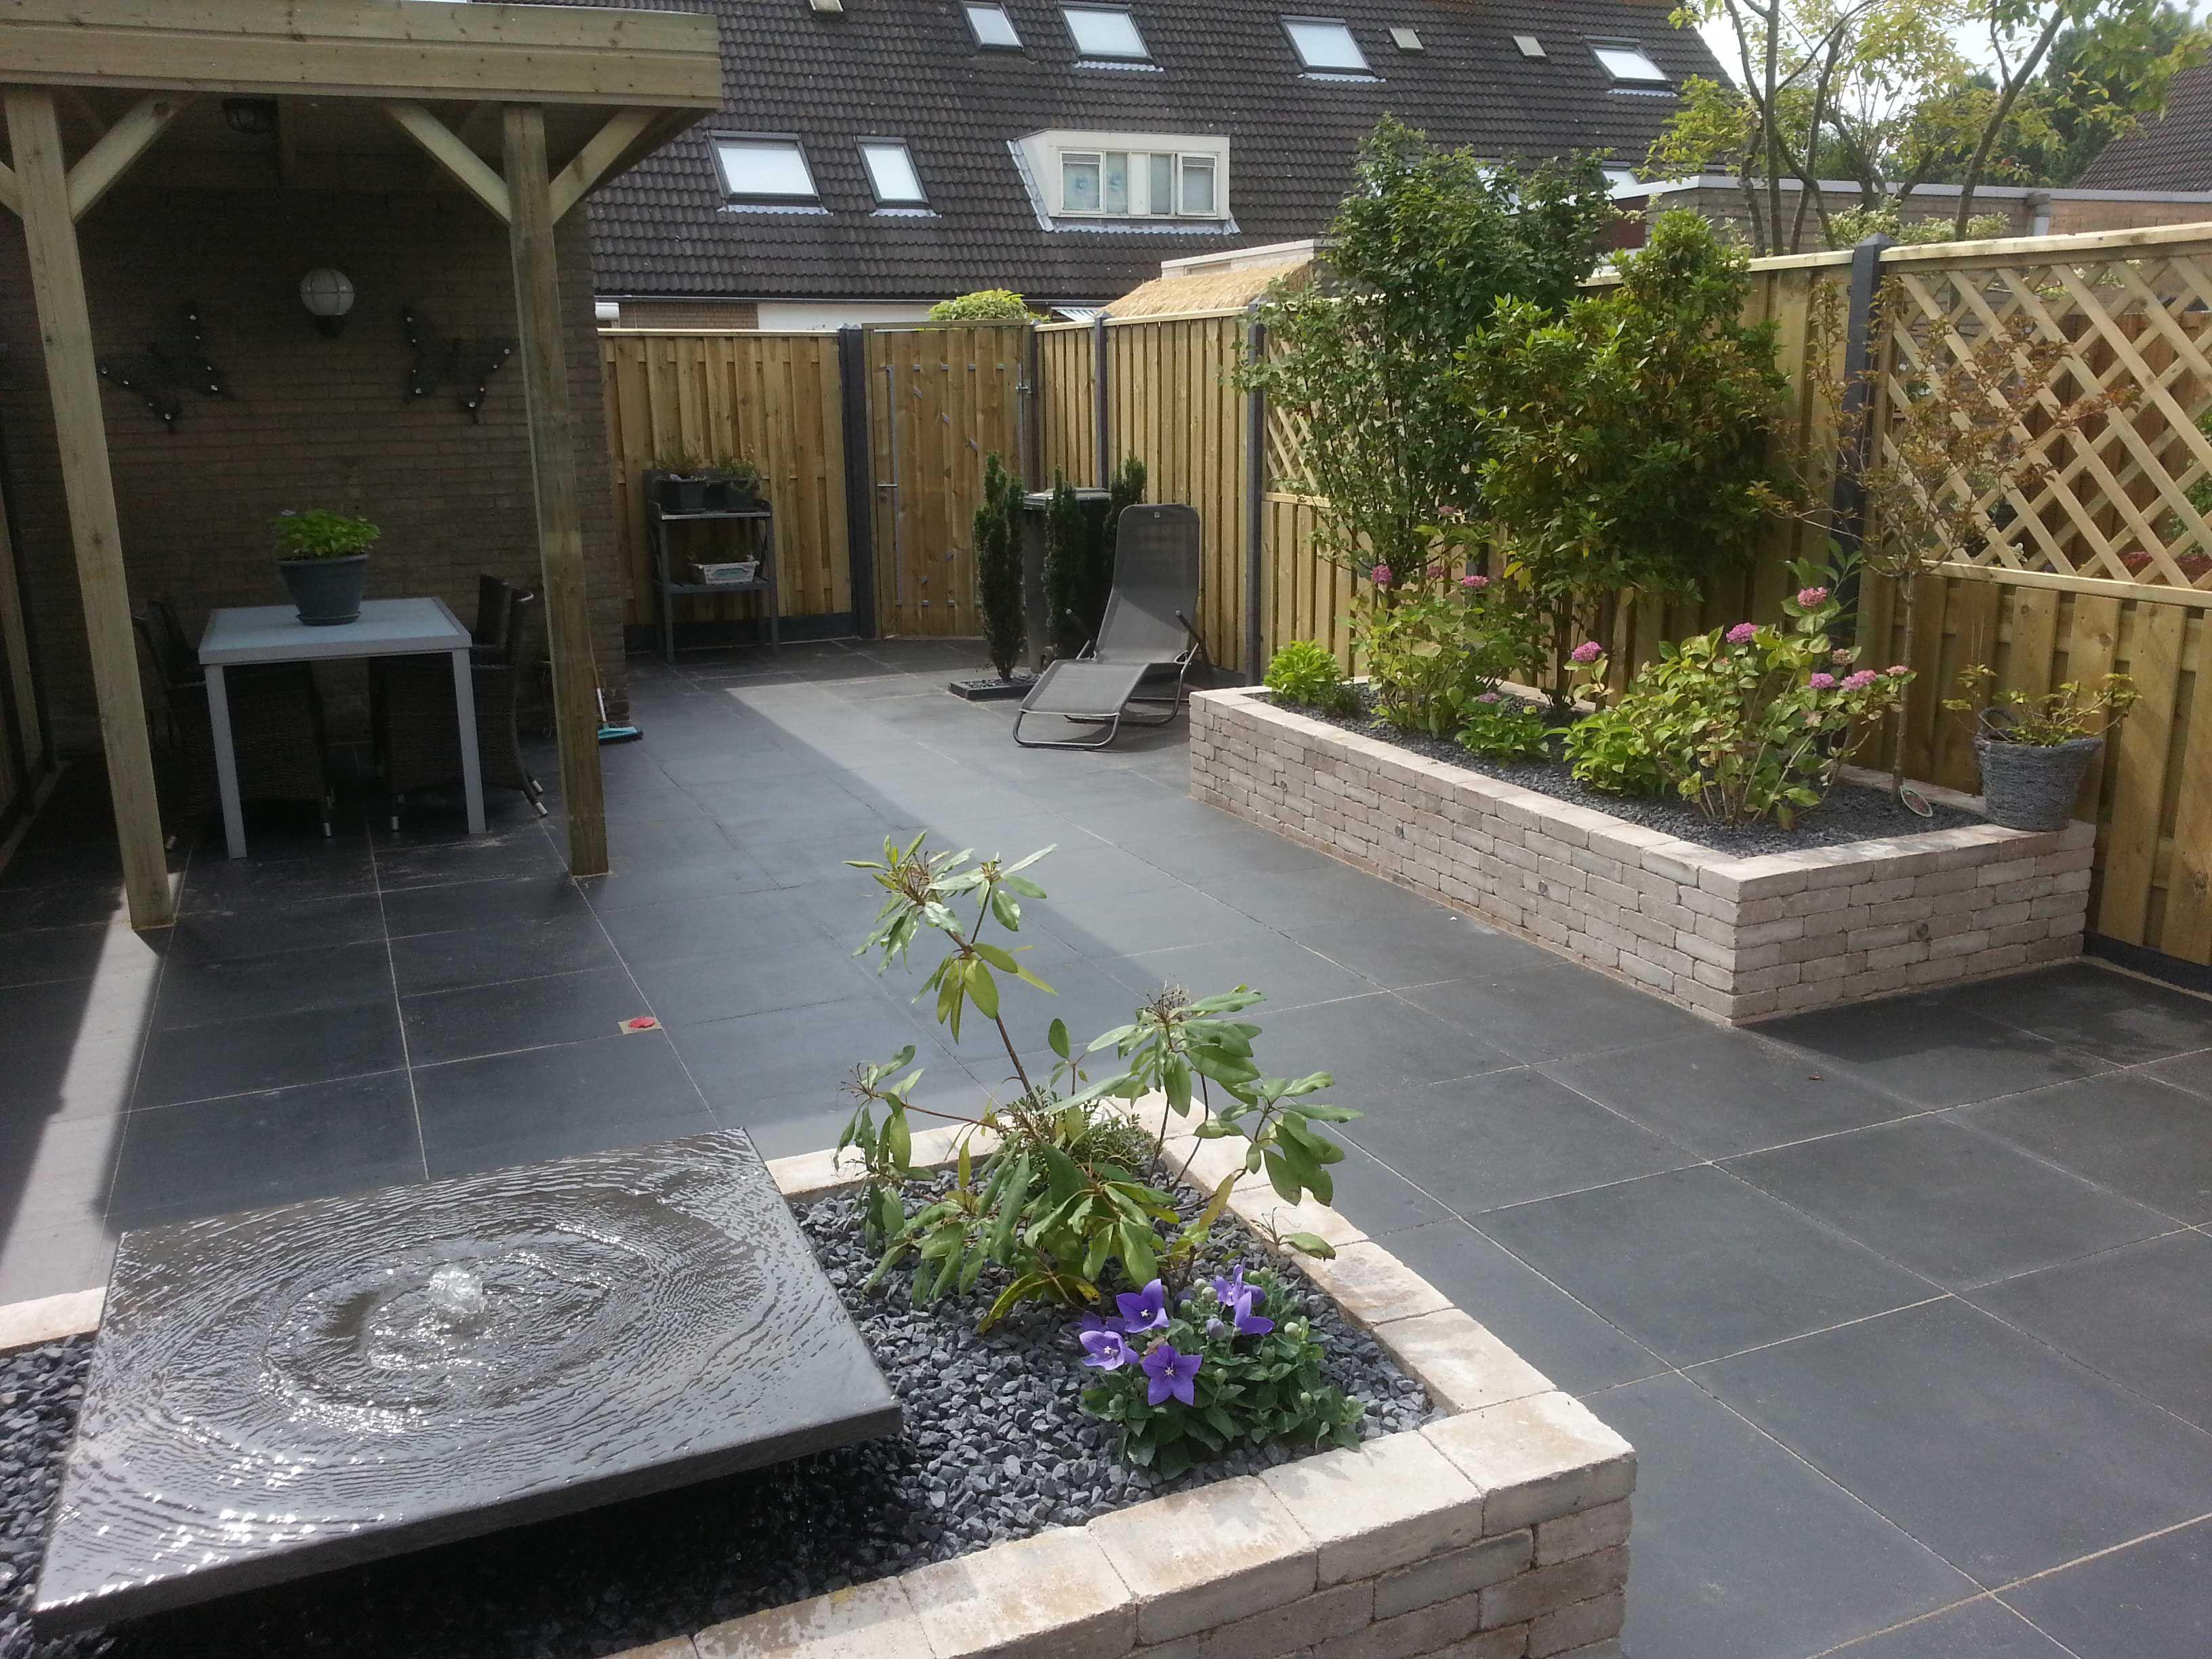 Voorbeeldtuinen Kleine Tuin : Voorbeeldtuinen kleine tuin google zoeken kindveilige